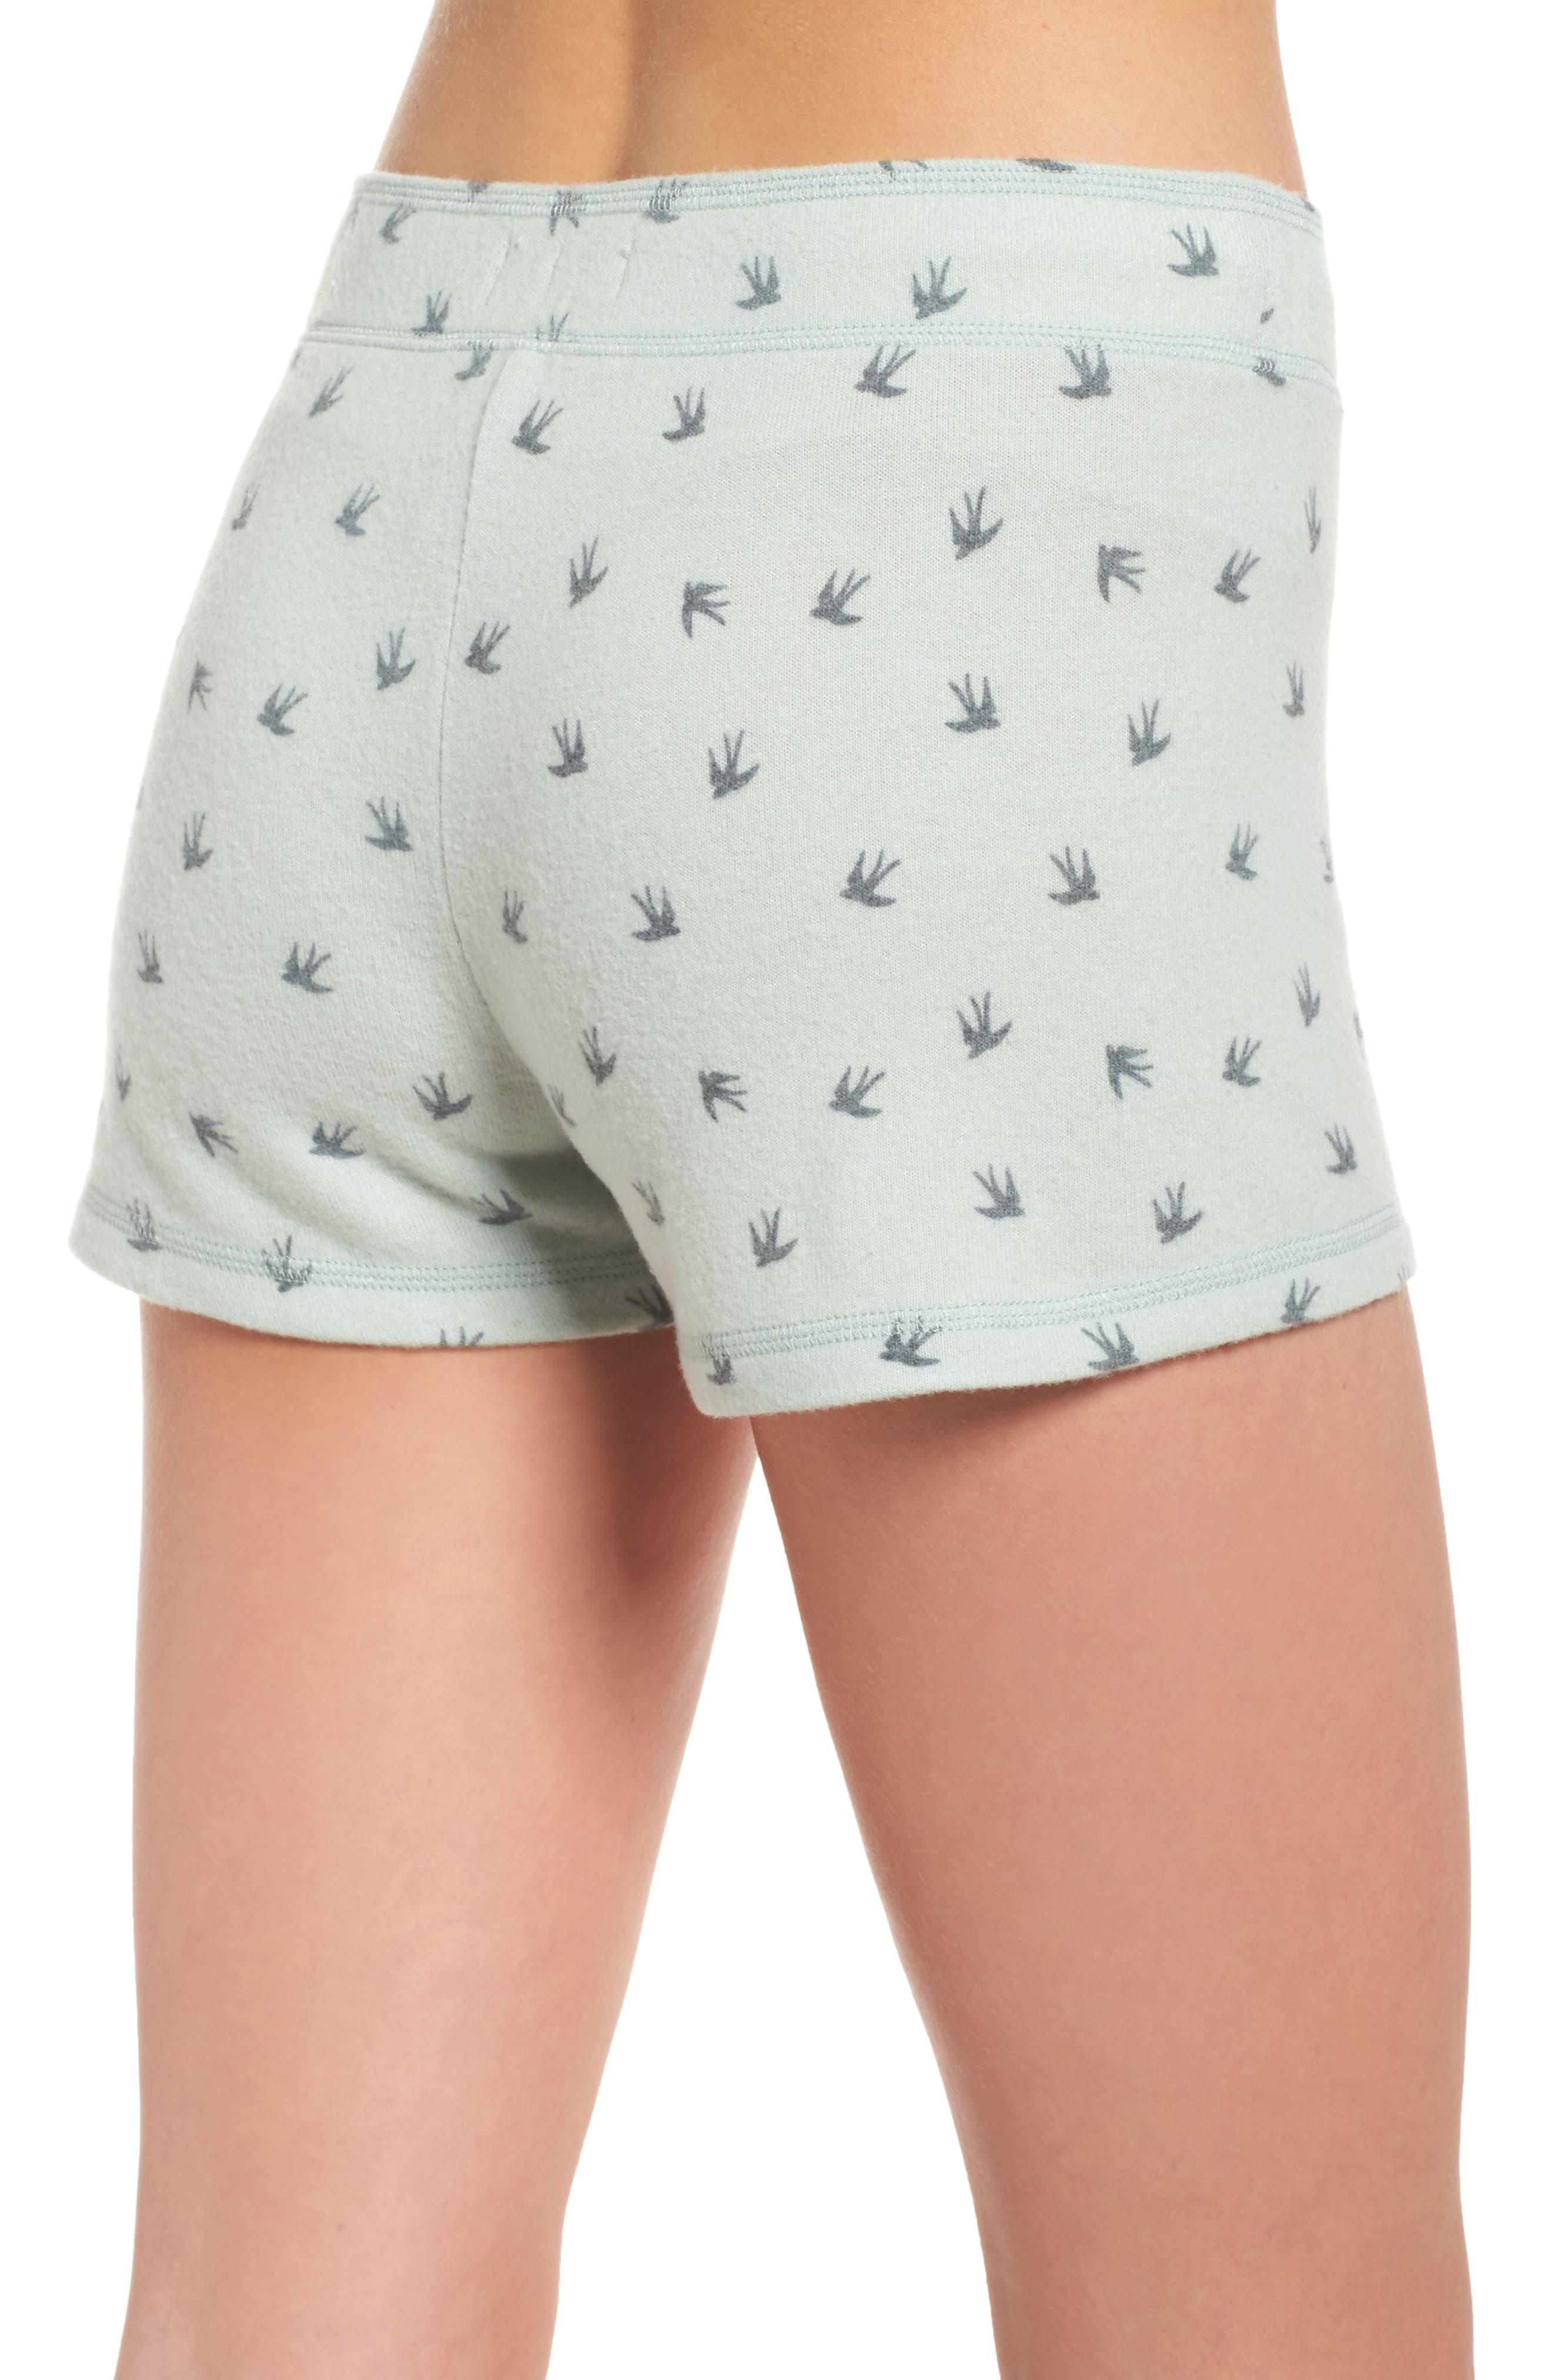 Peachy Pajama Shorts,                             Alternate thumbnail 5, color,